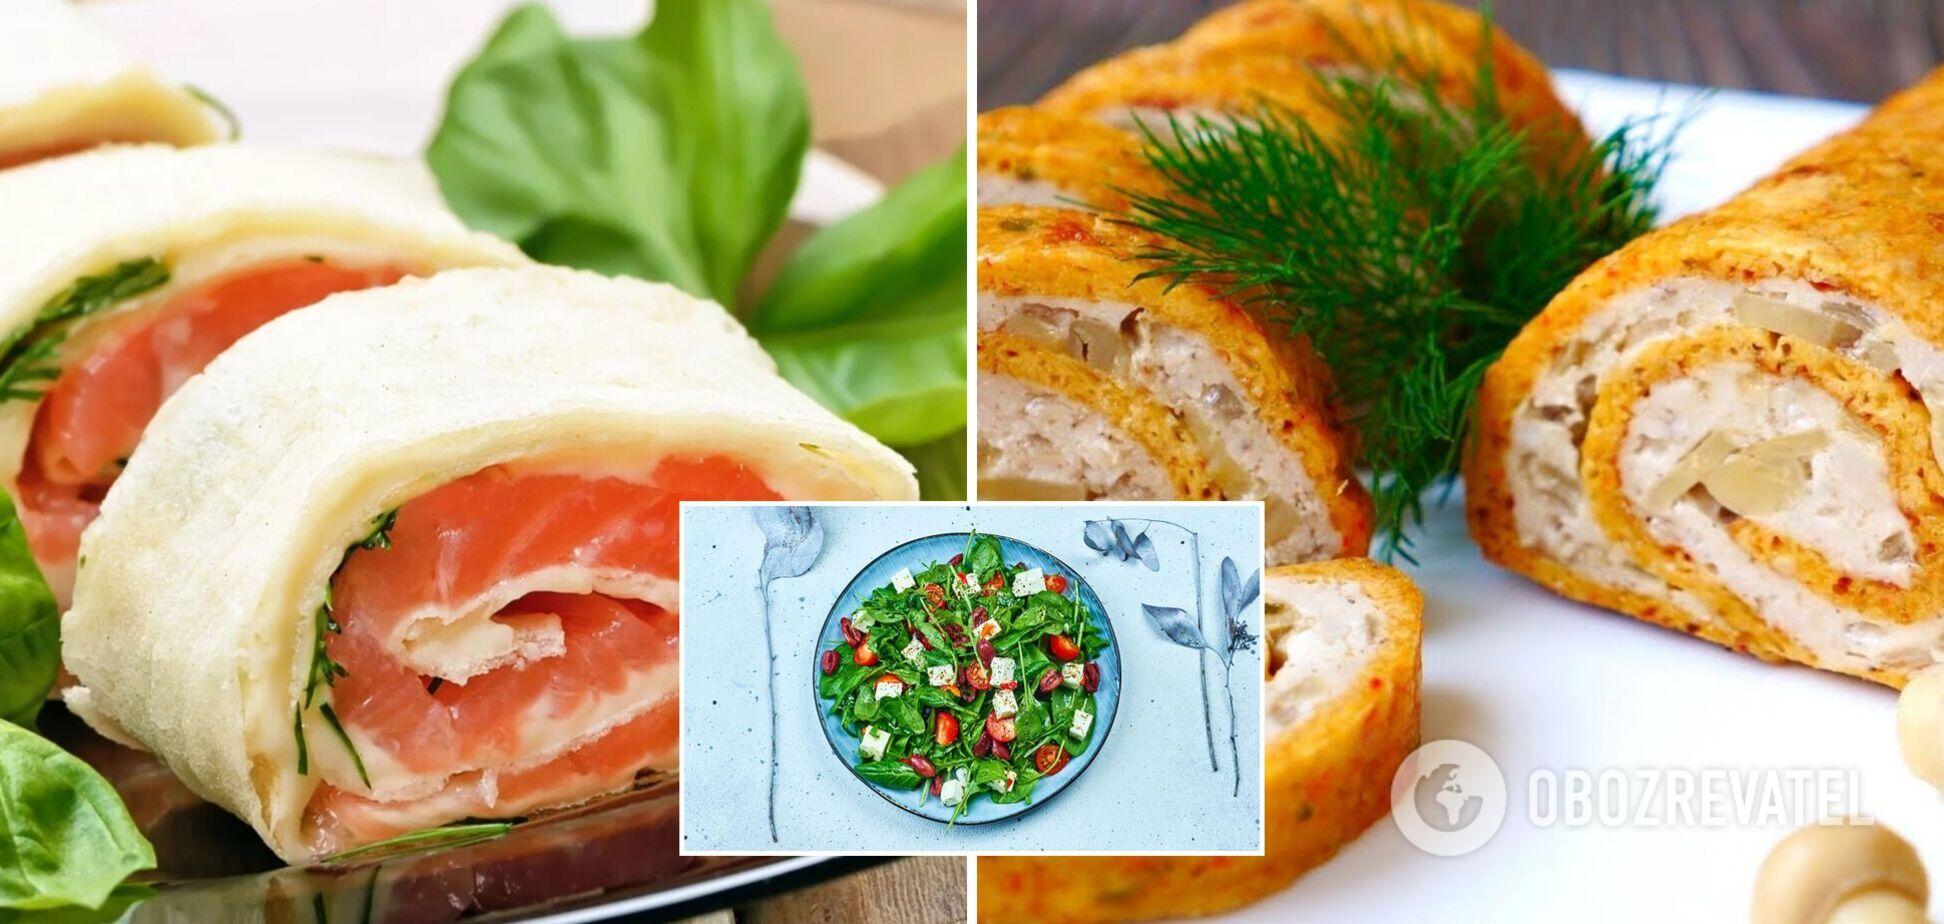 Що приготувати на святковий стіл: три небанальних страви